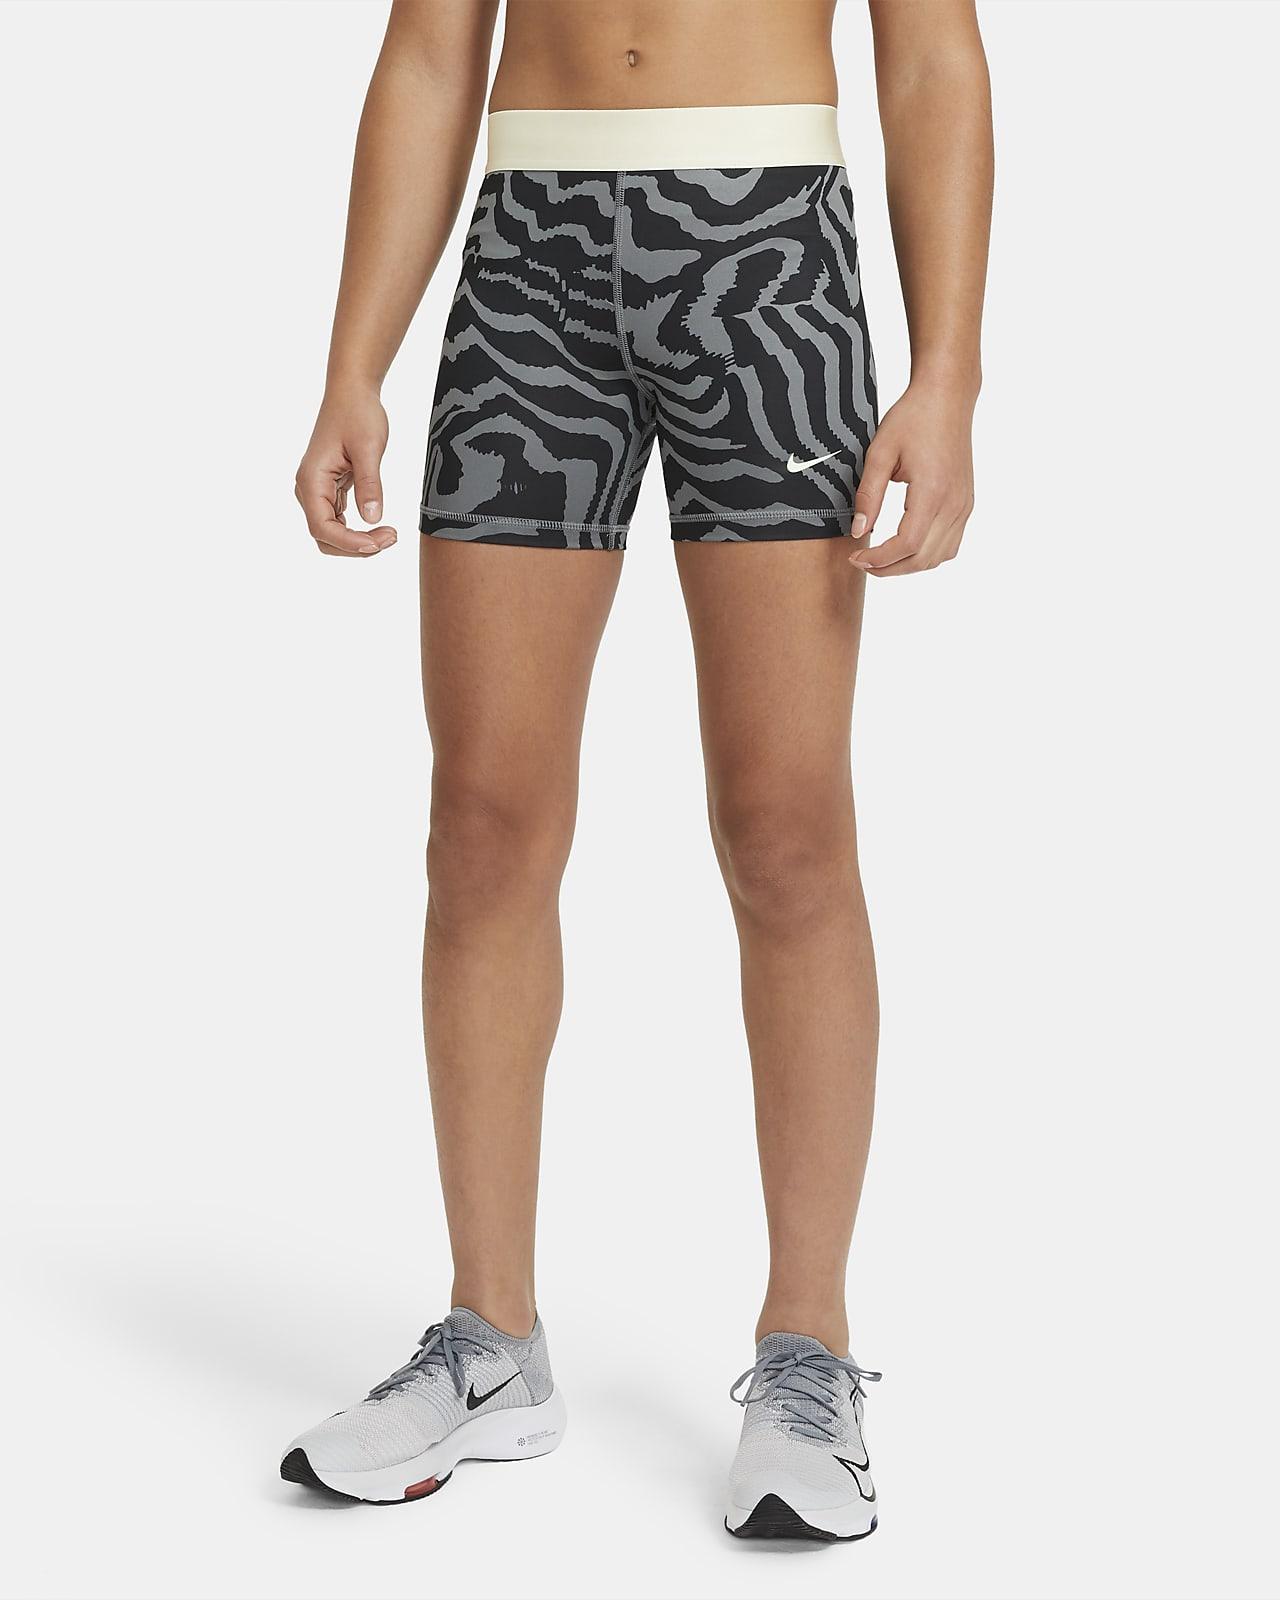 Calções estampados de 8 cm Nike Pro Júnior (Rapariga)